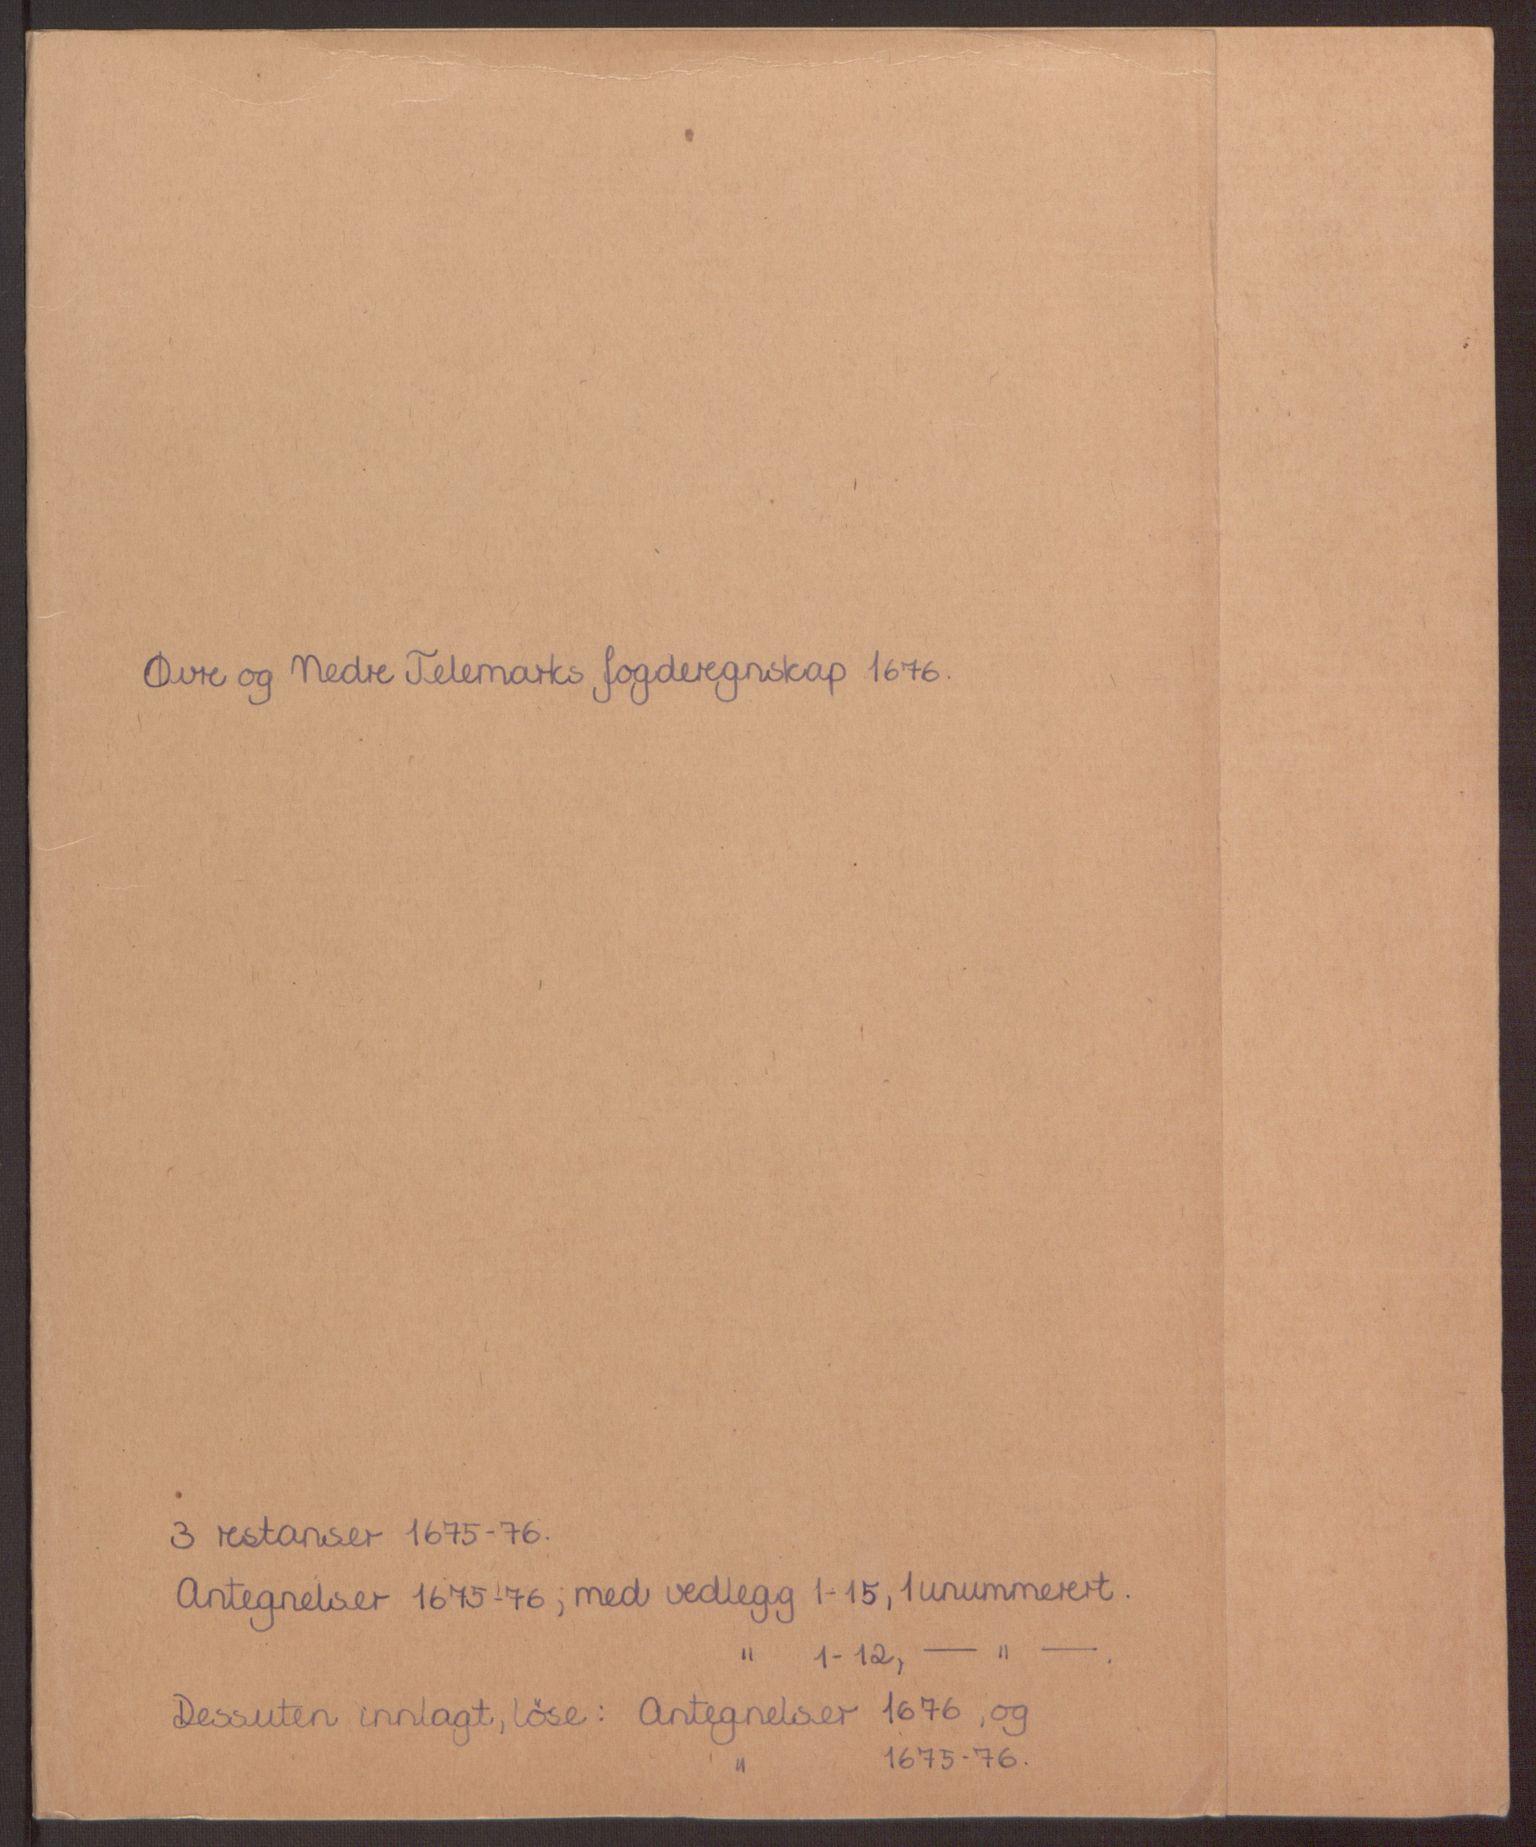 RA, Rentekammeret inntil 1814, Reviderte regnskaper, Fogderegnskap, R35/L2066: Fogderegnskap Øvre og Nedre Telemark, 1676, s. 228